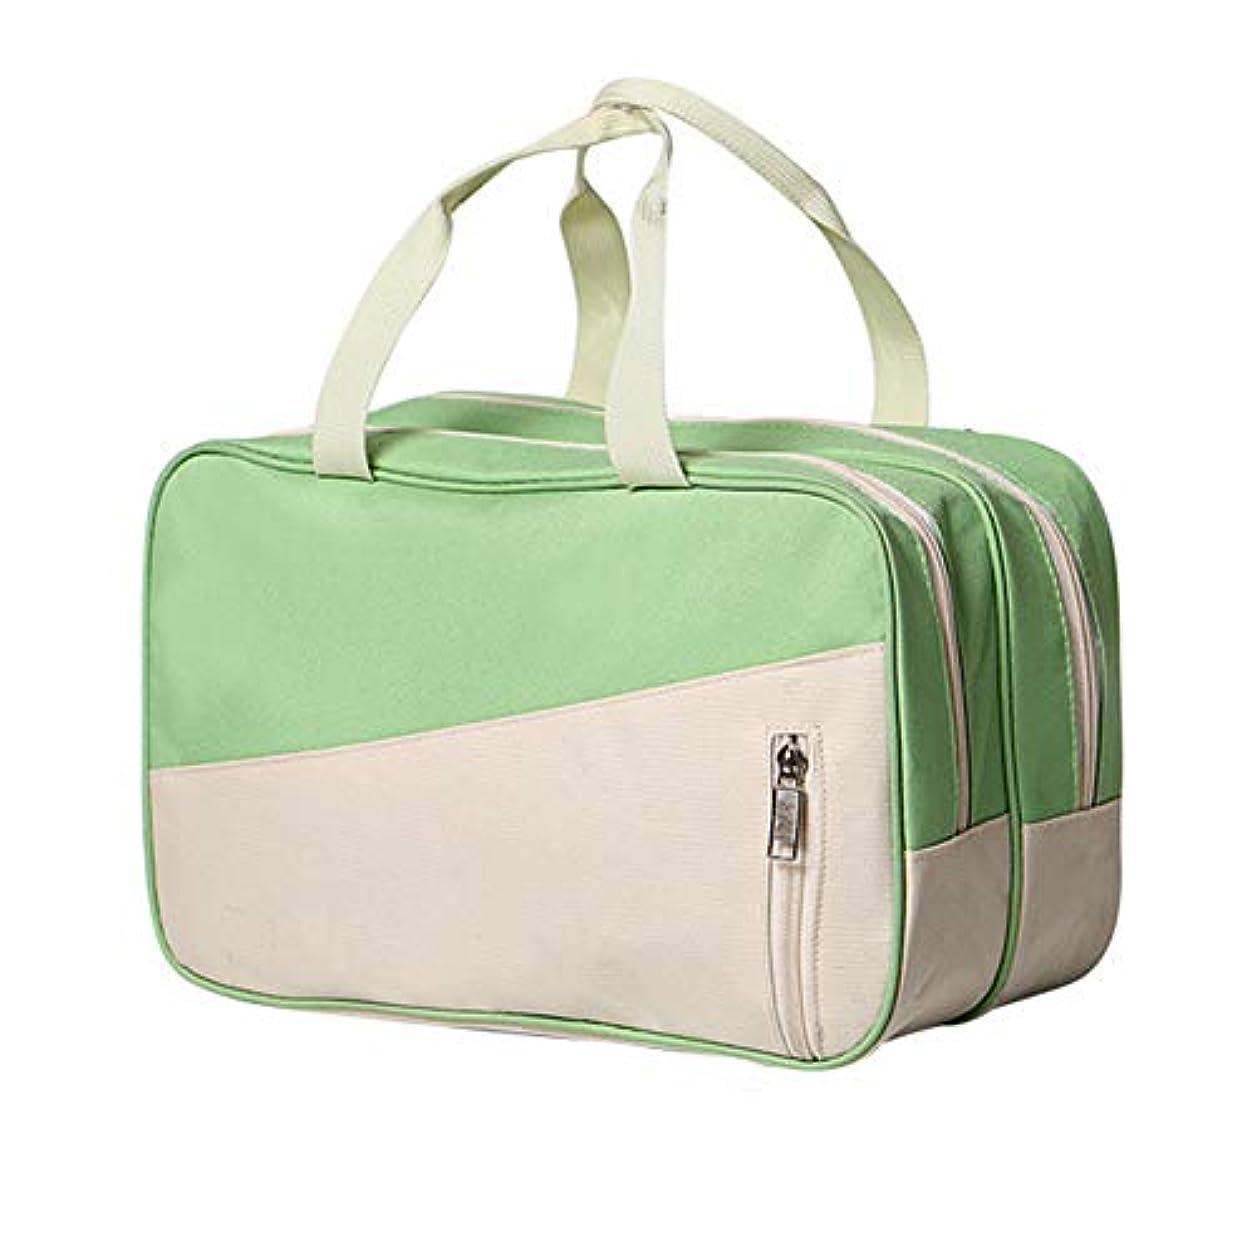 トラフィック南西感じ化粧品袋 防水ポータブルハンギング大容量旅行男性女性オックスフォードポーチ多機能化粧品化粧オーガナイザートイレタリーバッグ